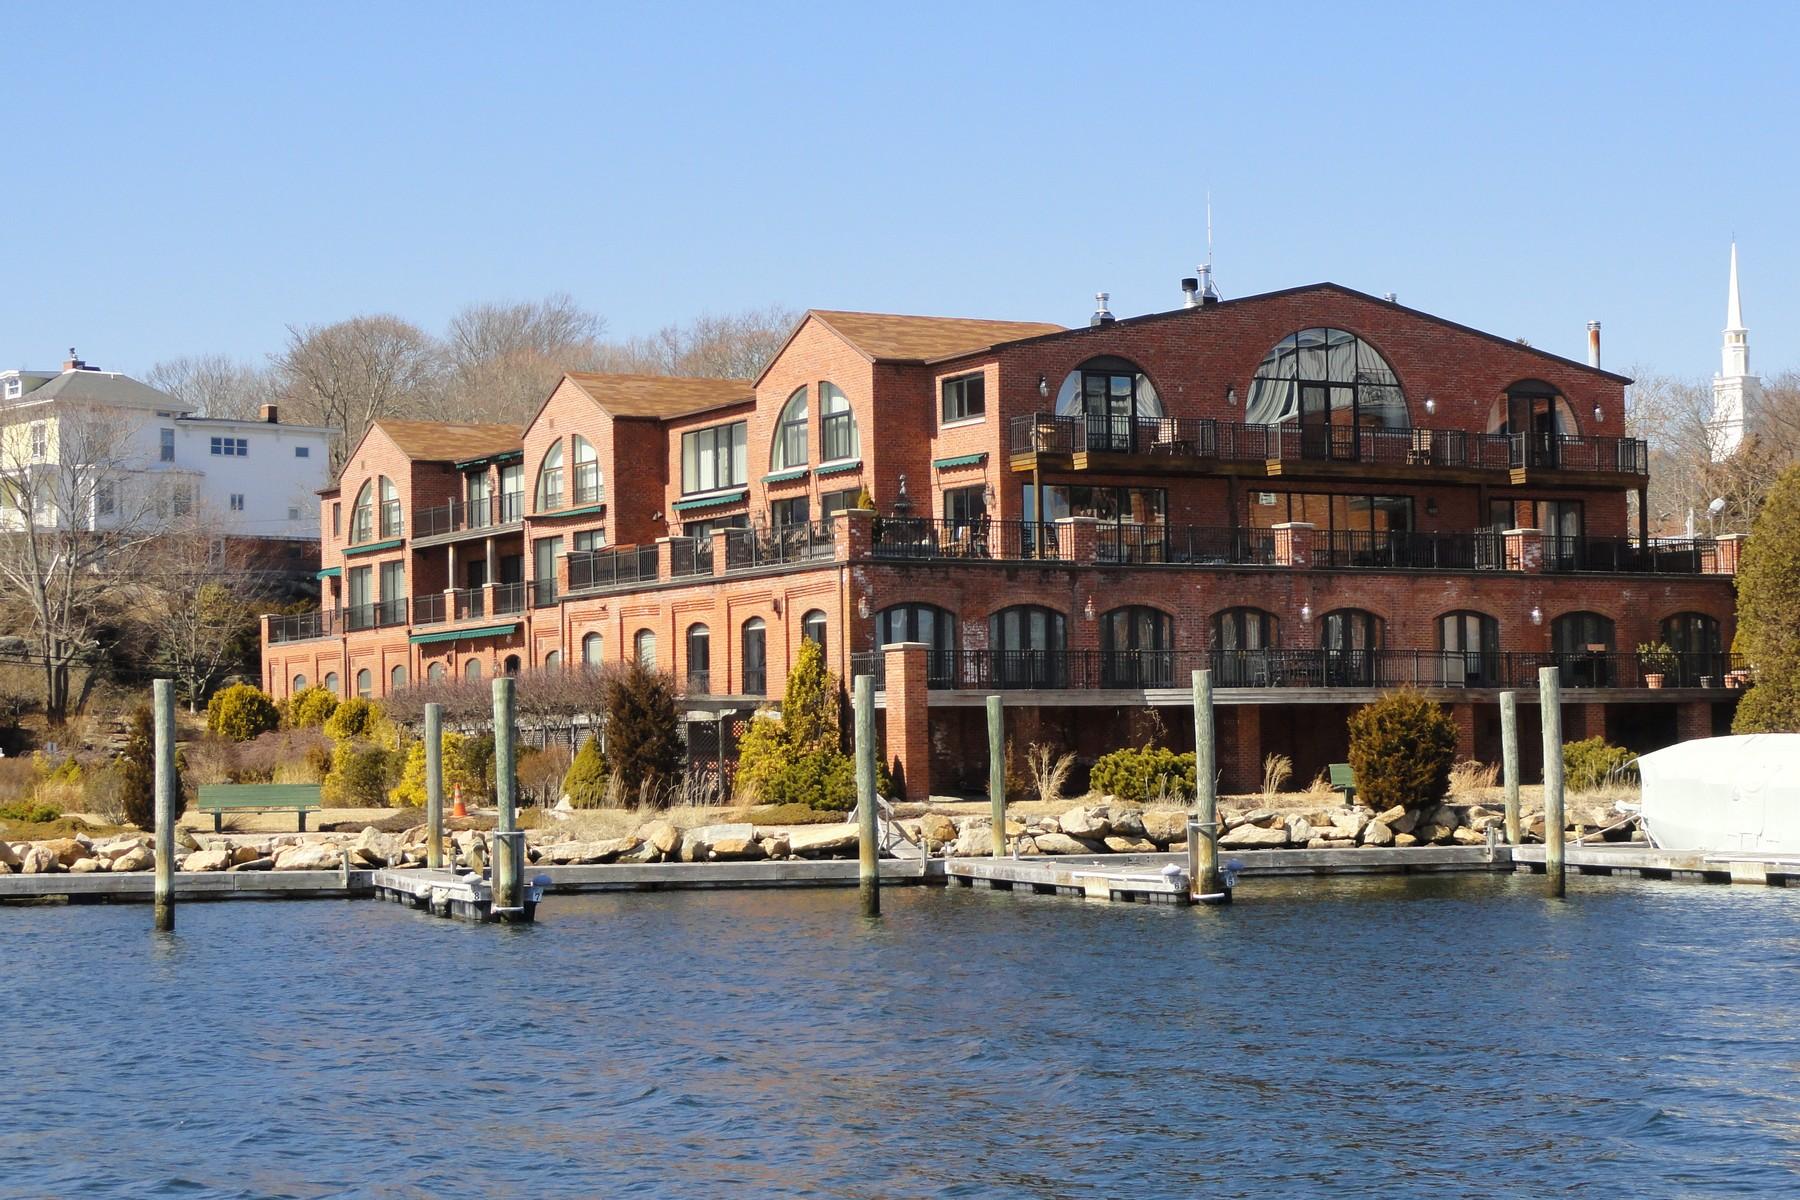 Eigentumswohnung für Verkauf beim One Level Waterfront Luxury Living 17 Water Street A11 Groton, Connecticut 06355 Vereinigte Staaten